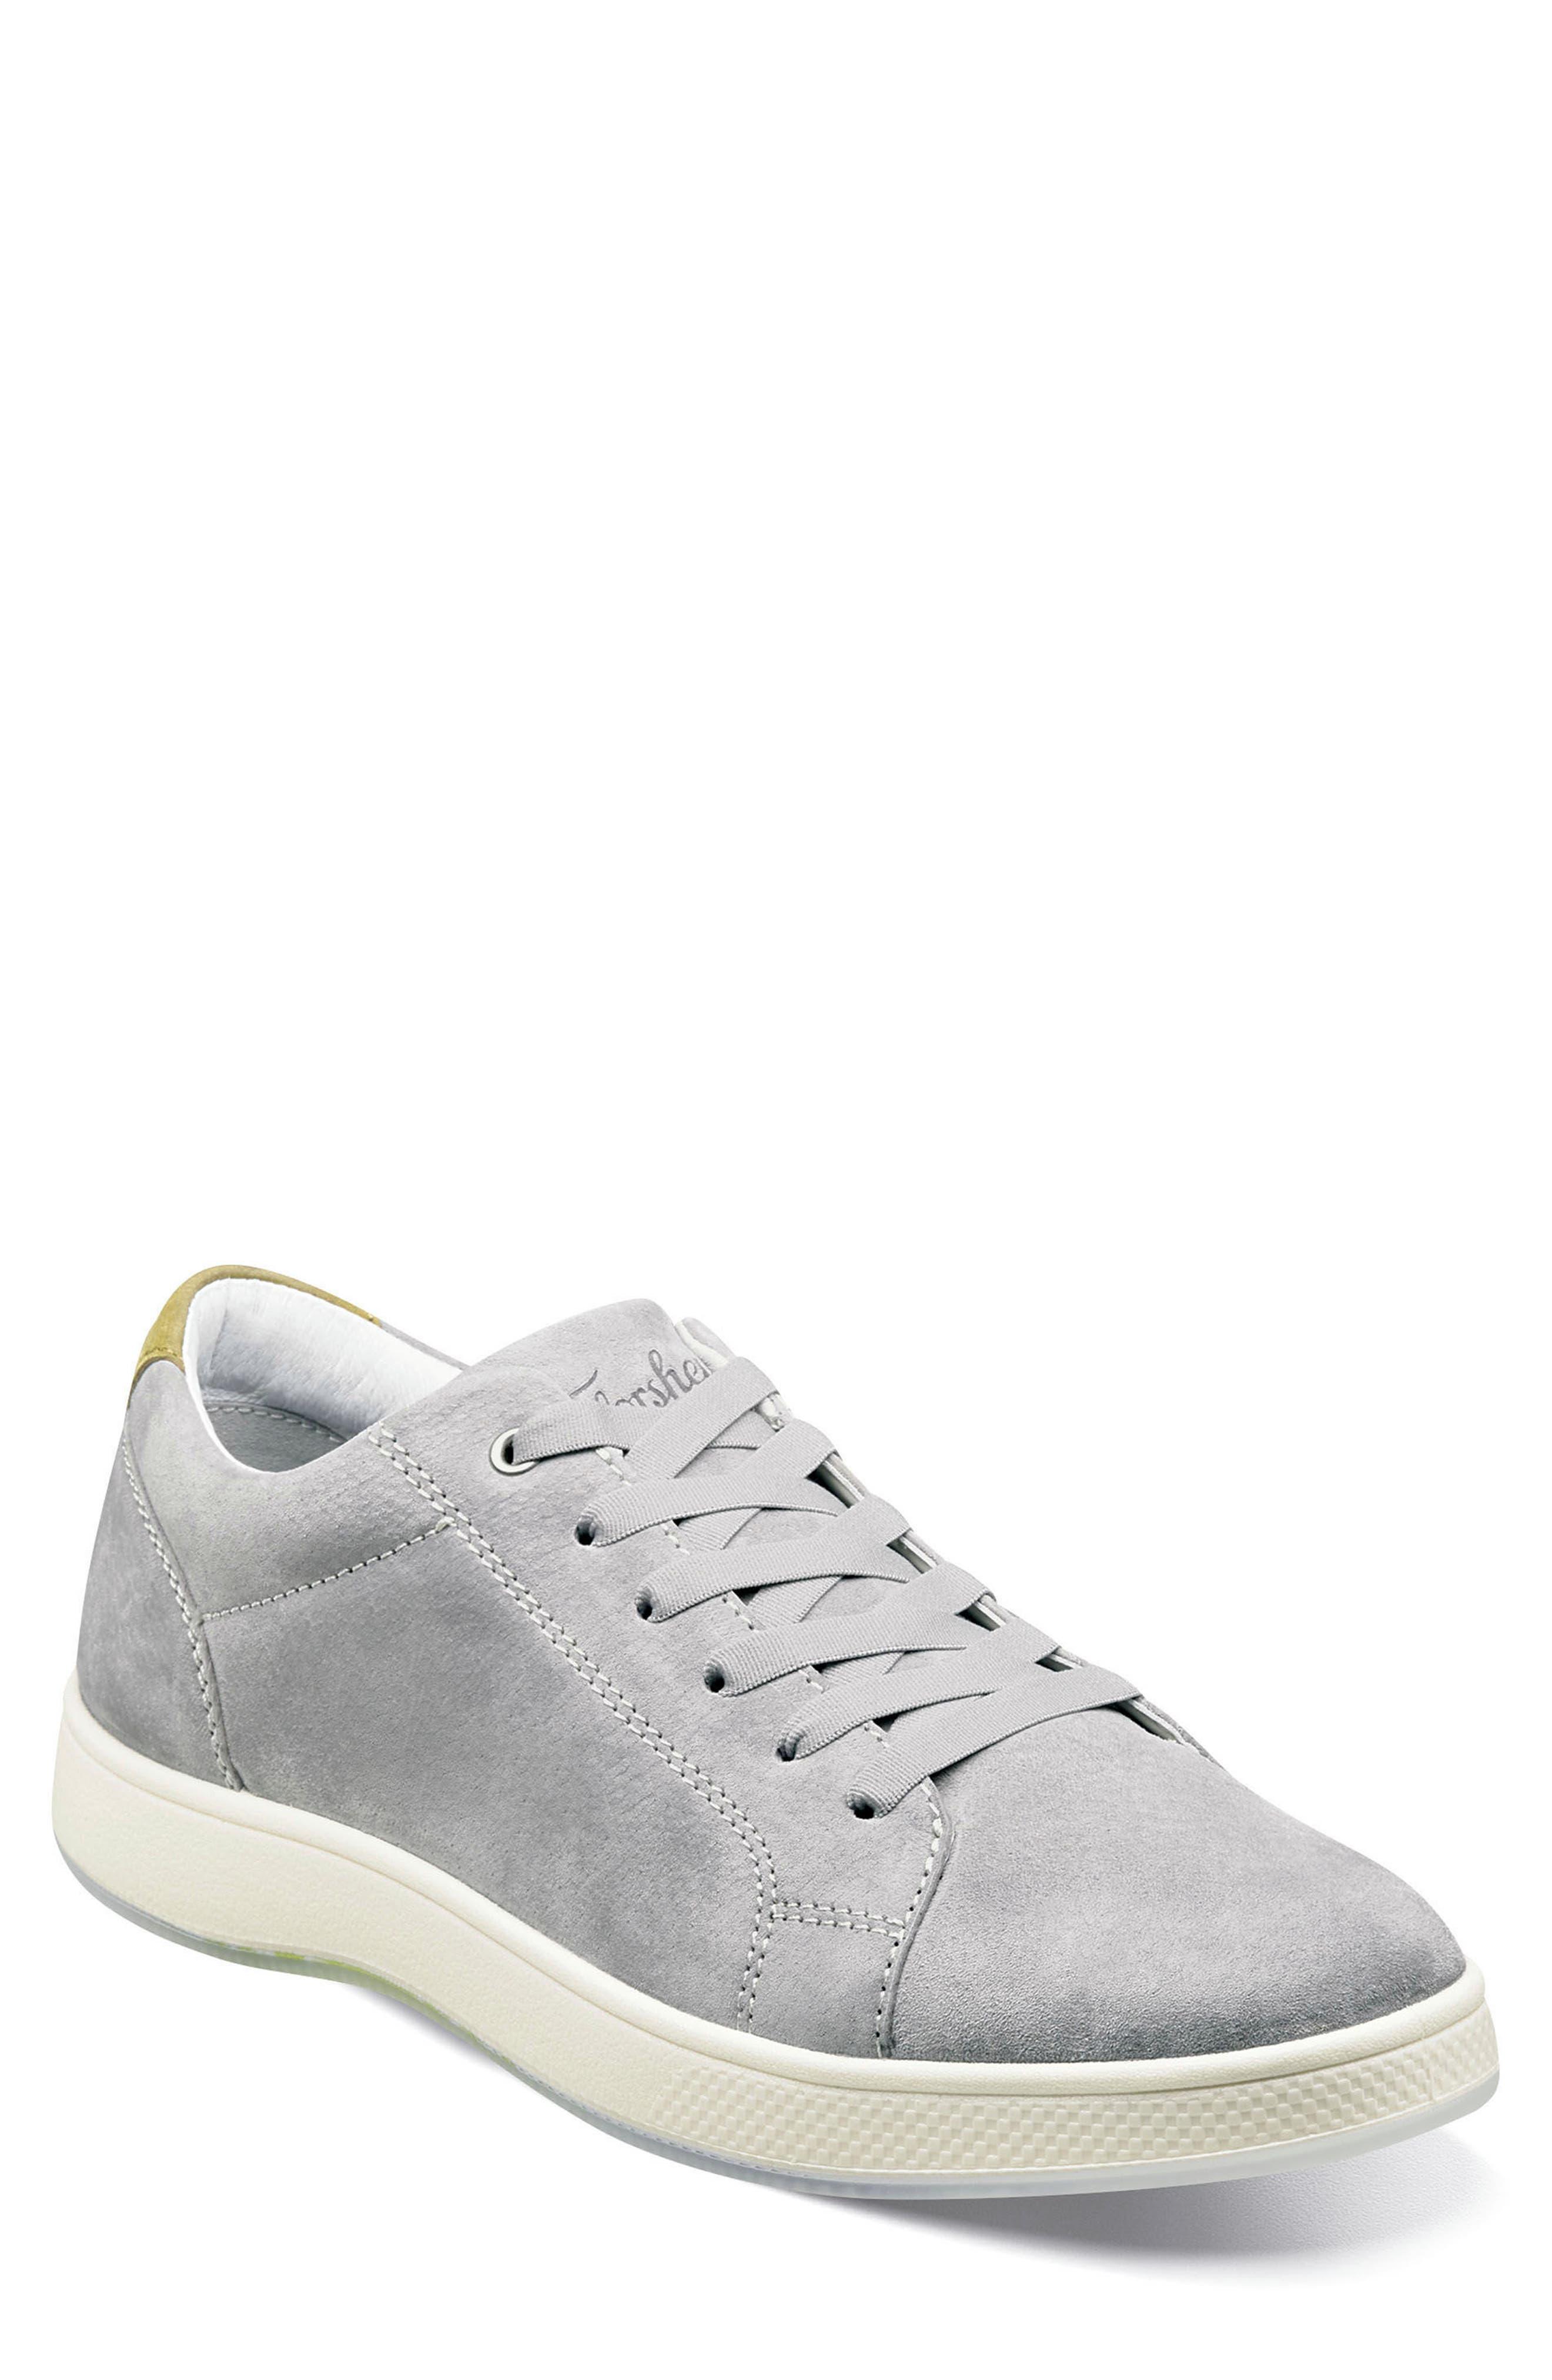 Edge Low Top Sneaker,                         Main,                         color, Gray Nubuck